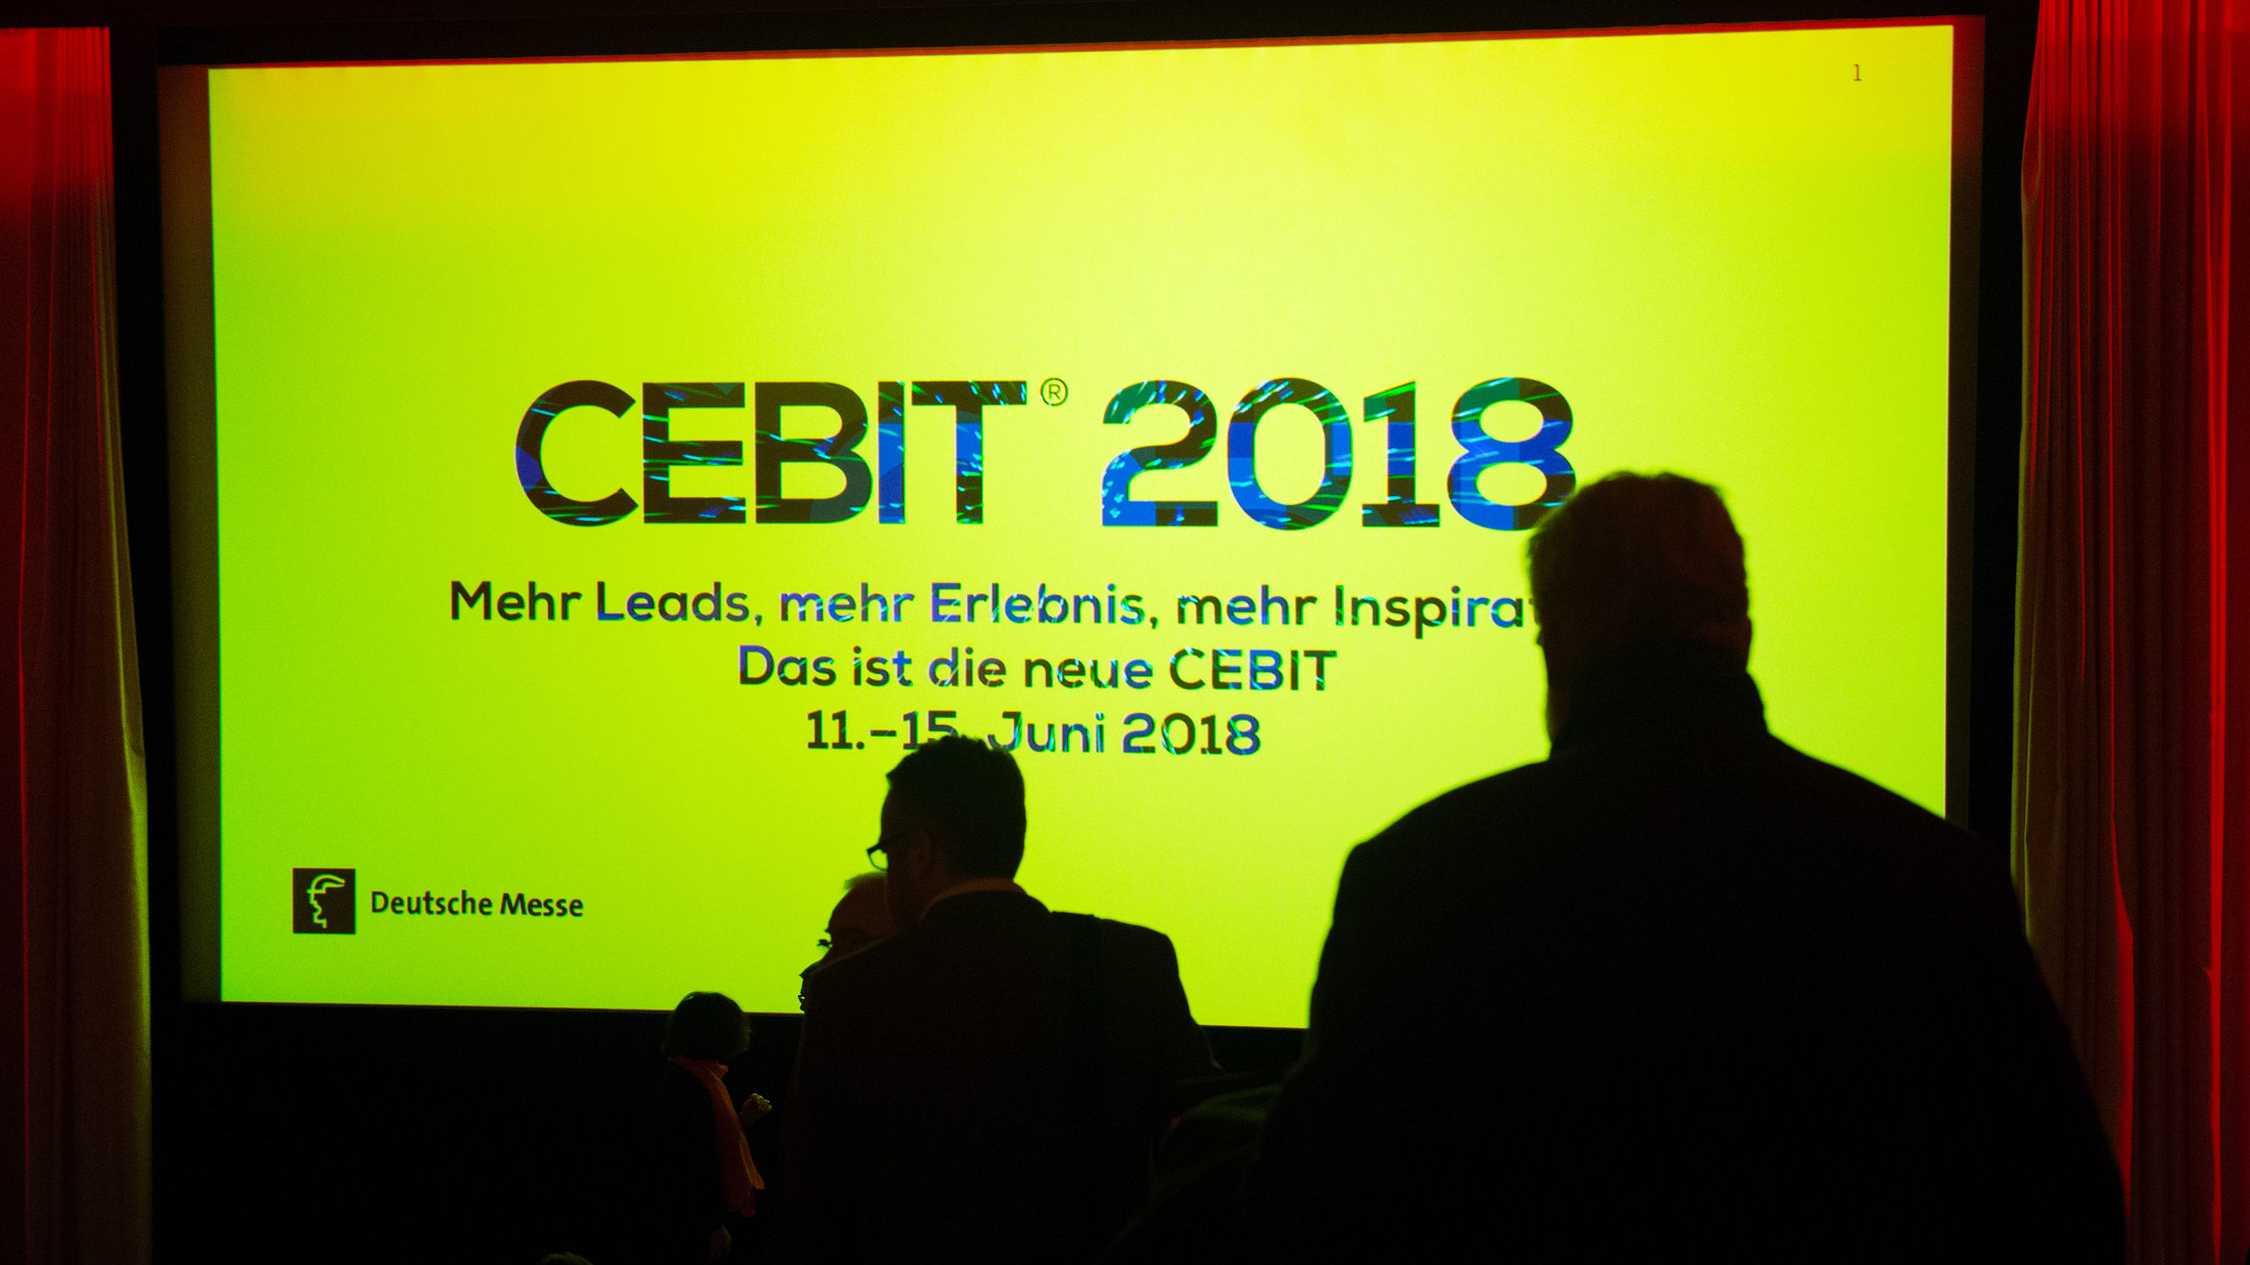 Digitalmesse Cebit vor dem Start - Bis zu 2800 Aussteller erwartet